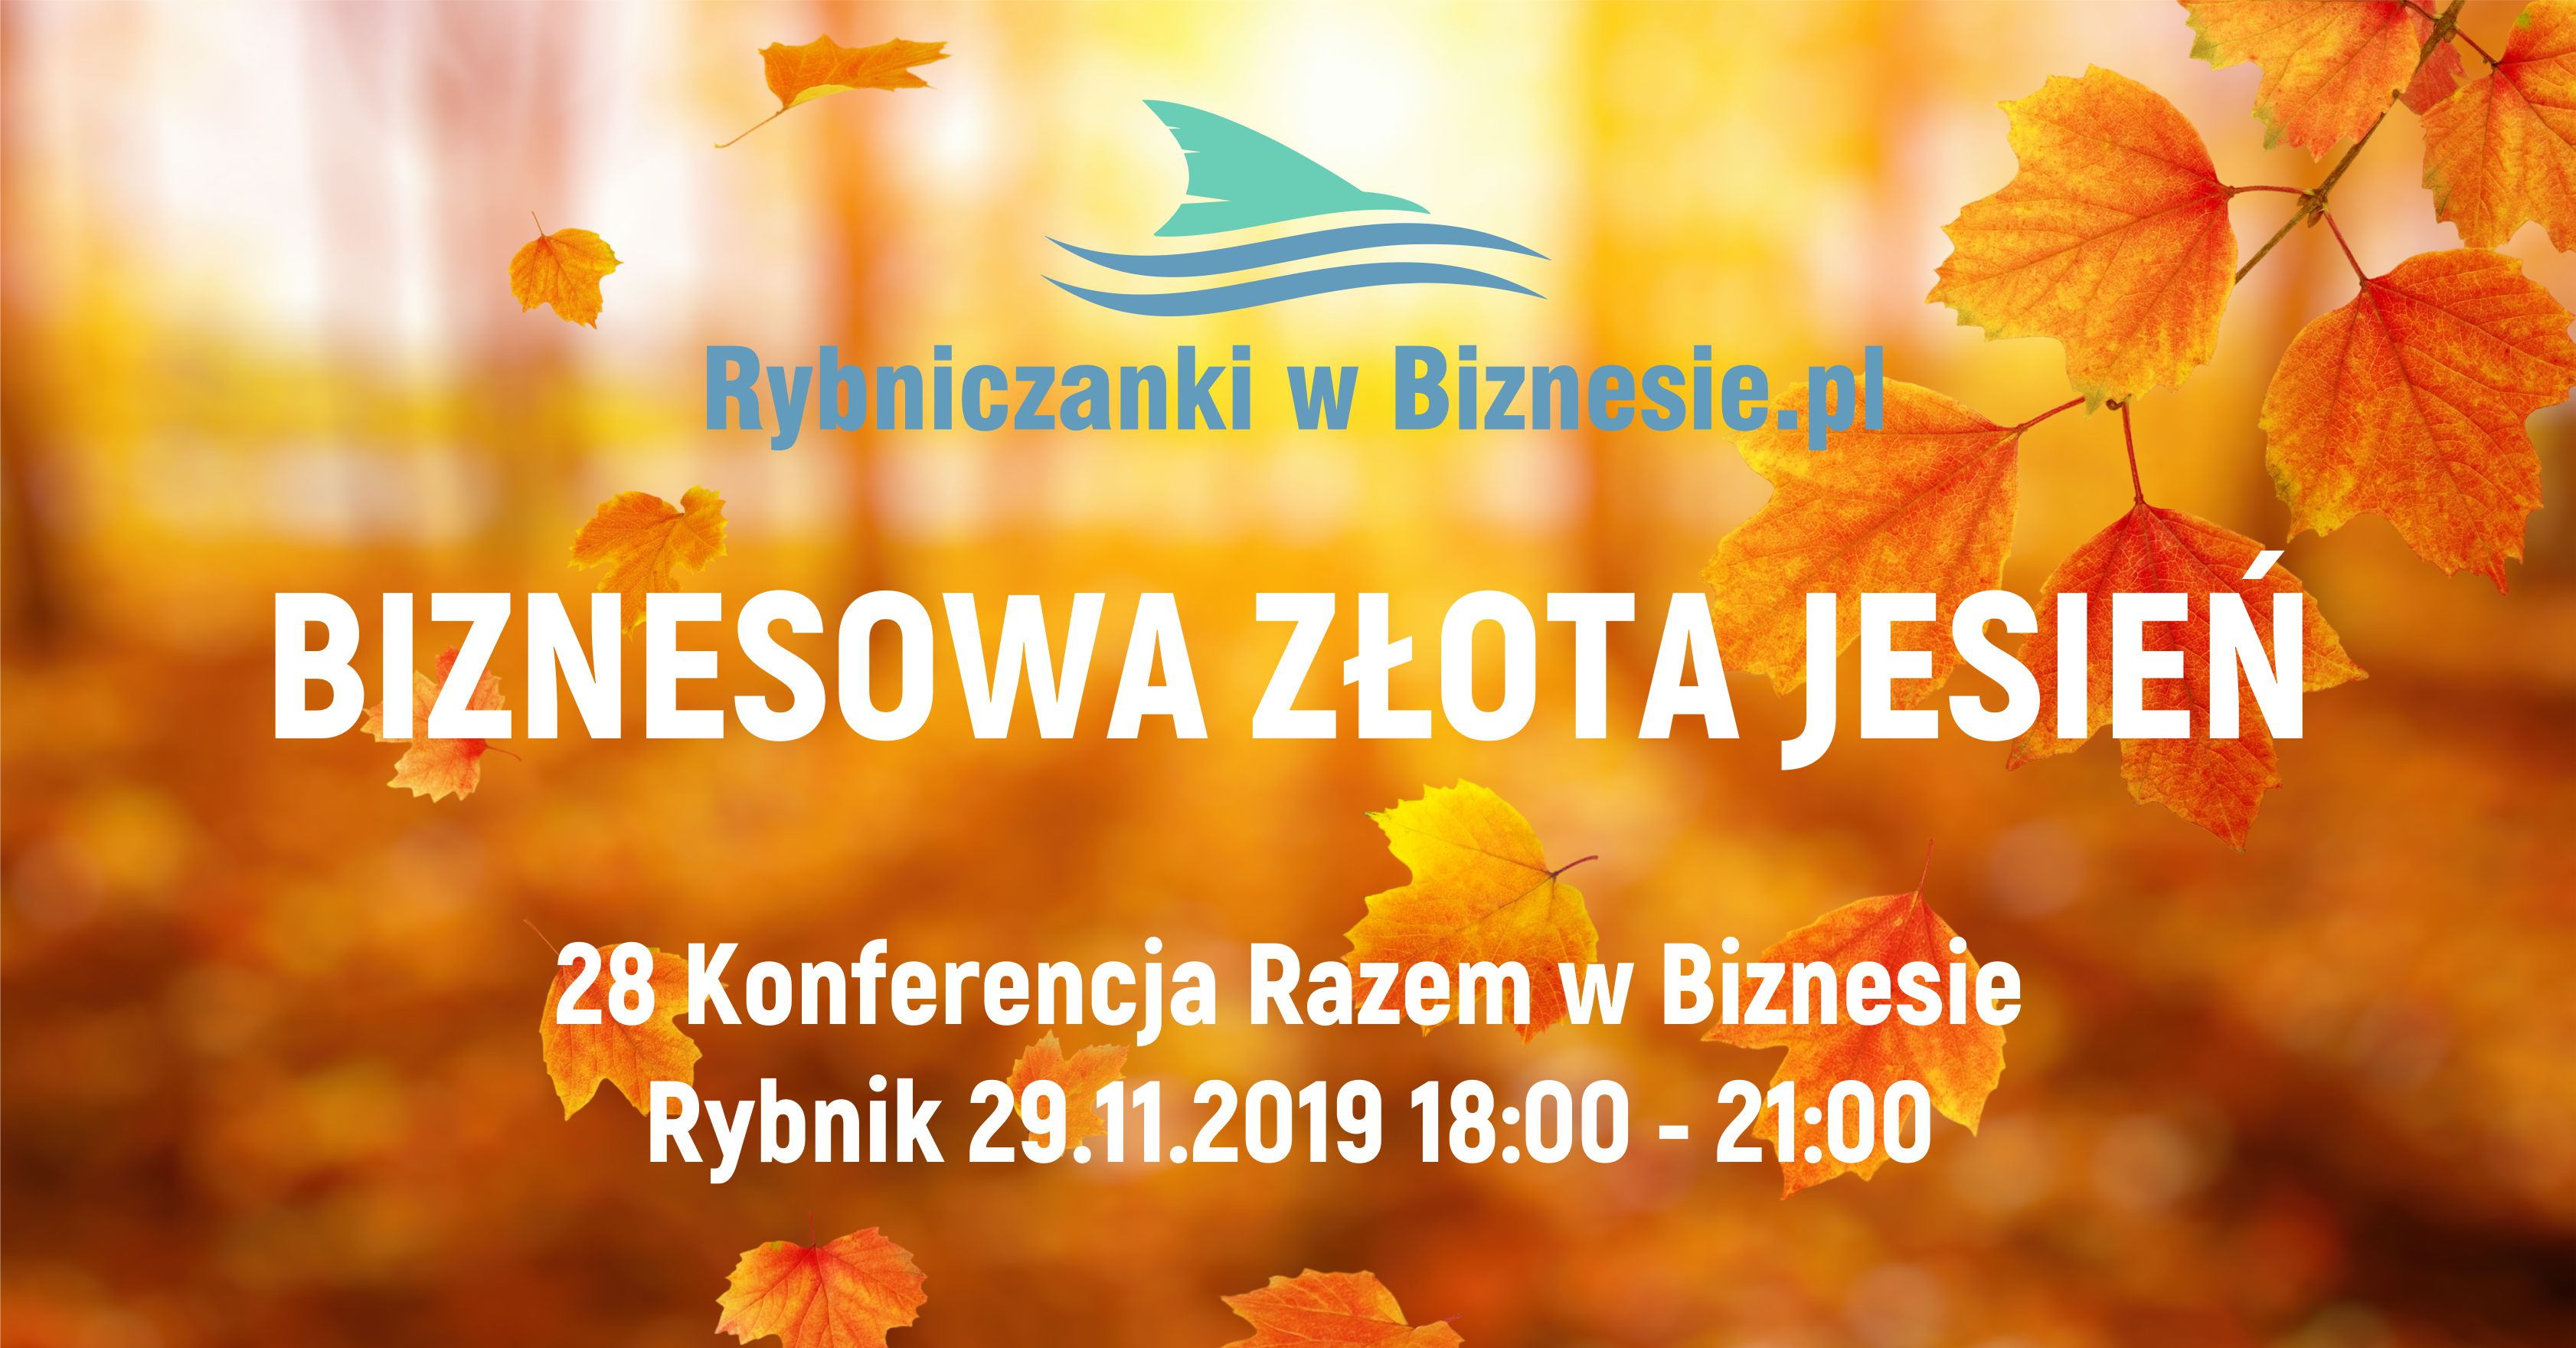 Spotkanie 29 listopada 2019